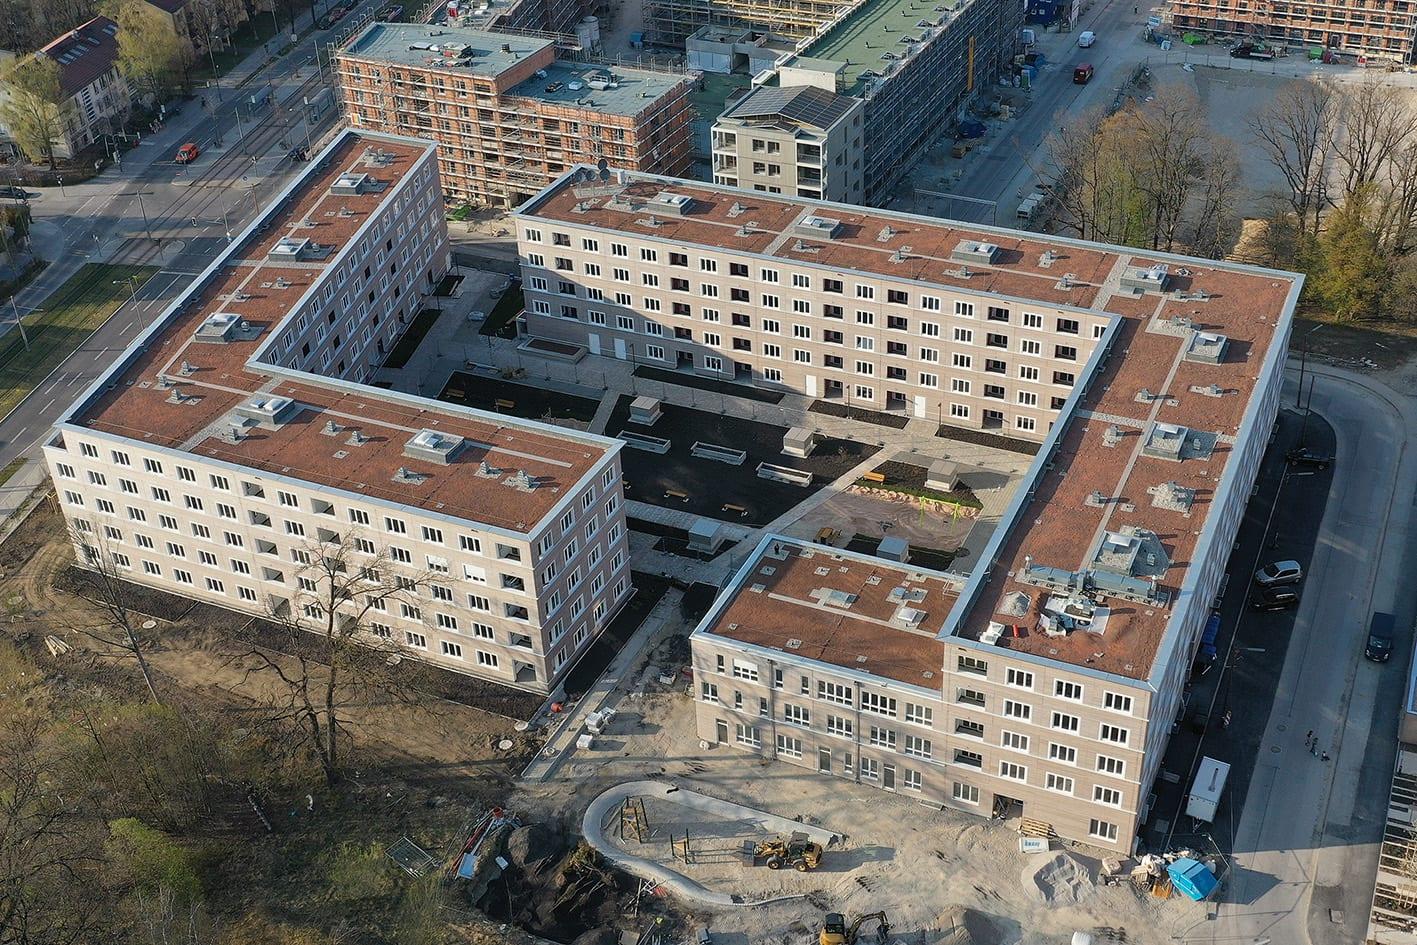 Die zwei fünfgeschossigen Mehrfamilienhäuser sind in zwei gegenüberliegenden L-Winkeln angeordnet. Es wurden 181 Wohnungen für 1-8 Personen geschaffen. Im Erdgeschoss des dreistöckigen Gebäudeteils sind eine Kindertagesstätte und ein Gemeinschaftsraum untergebracht. (Foto: GEWOFAG / Frank De Gasperi)